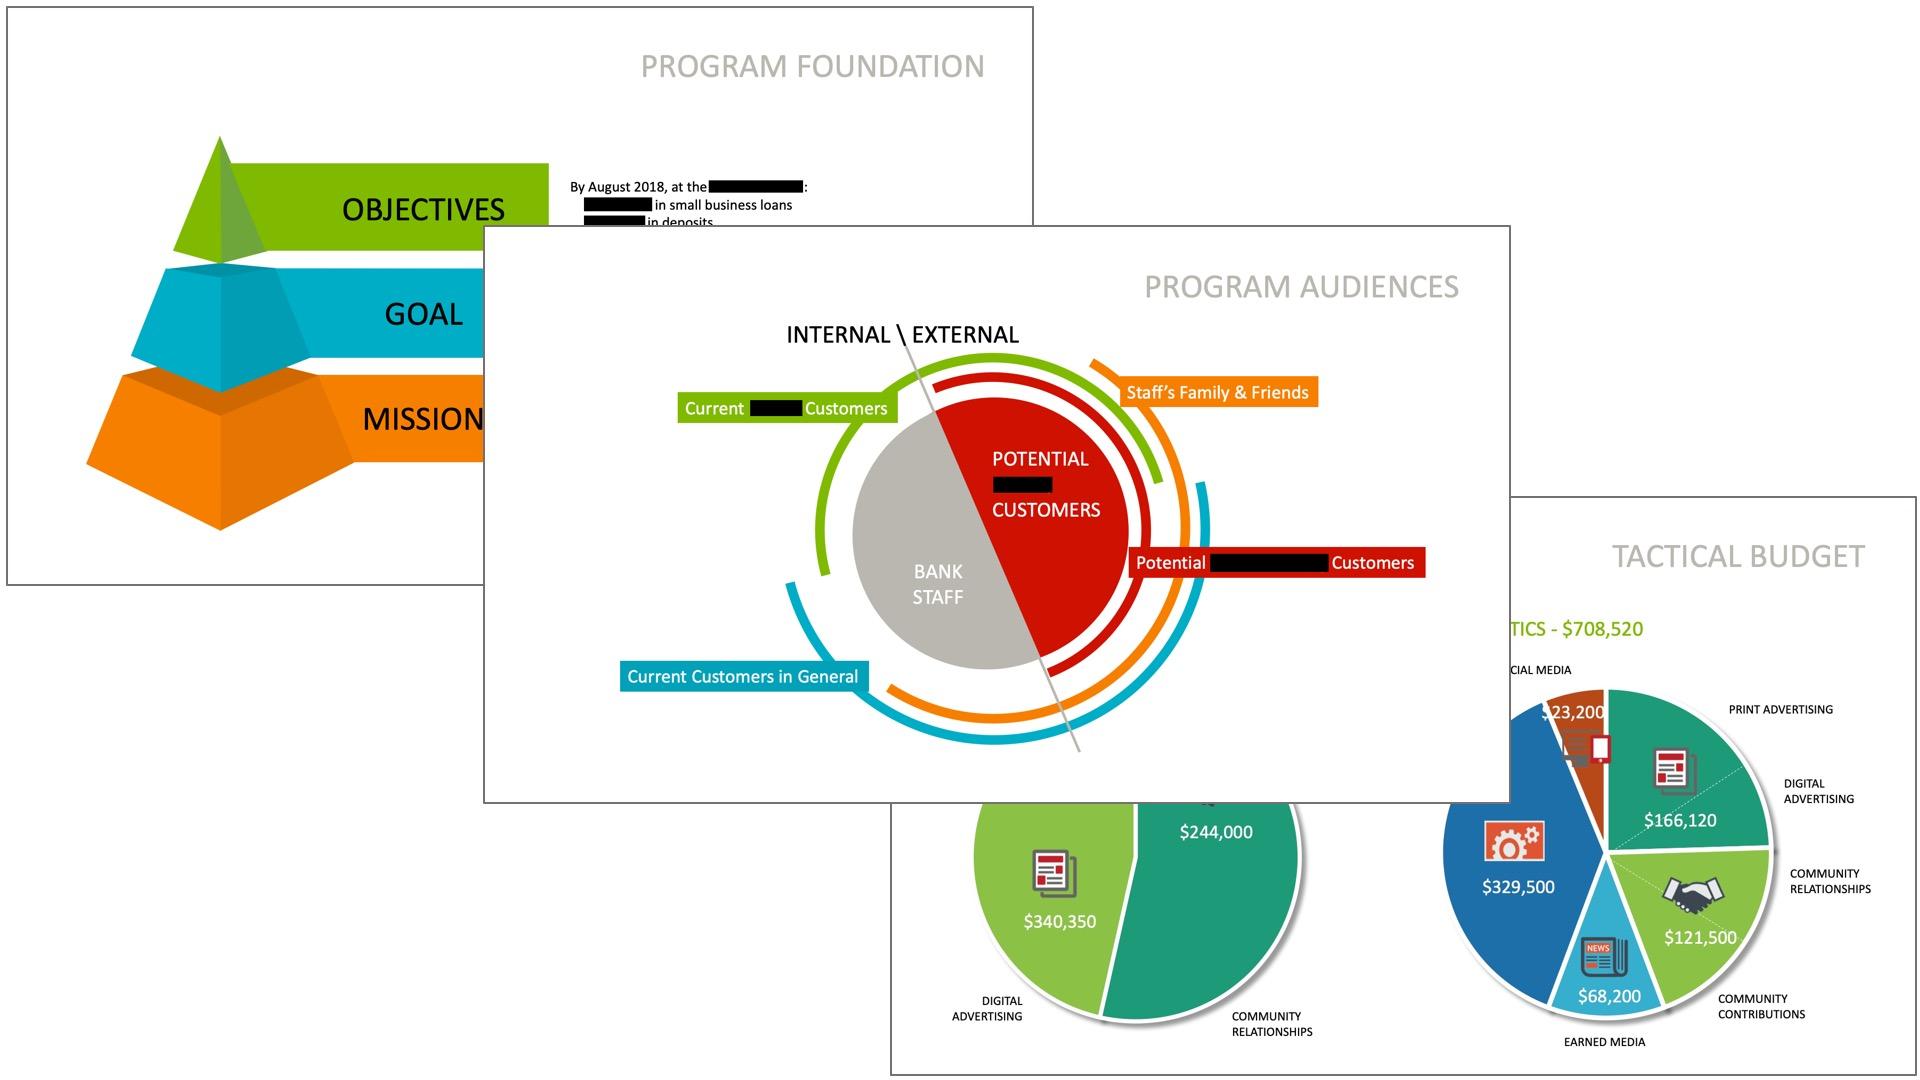 INFORMATION DESIGN: PROGRAM ELEMENTS